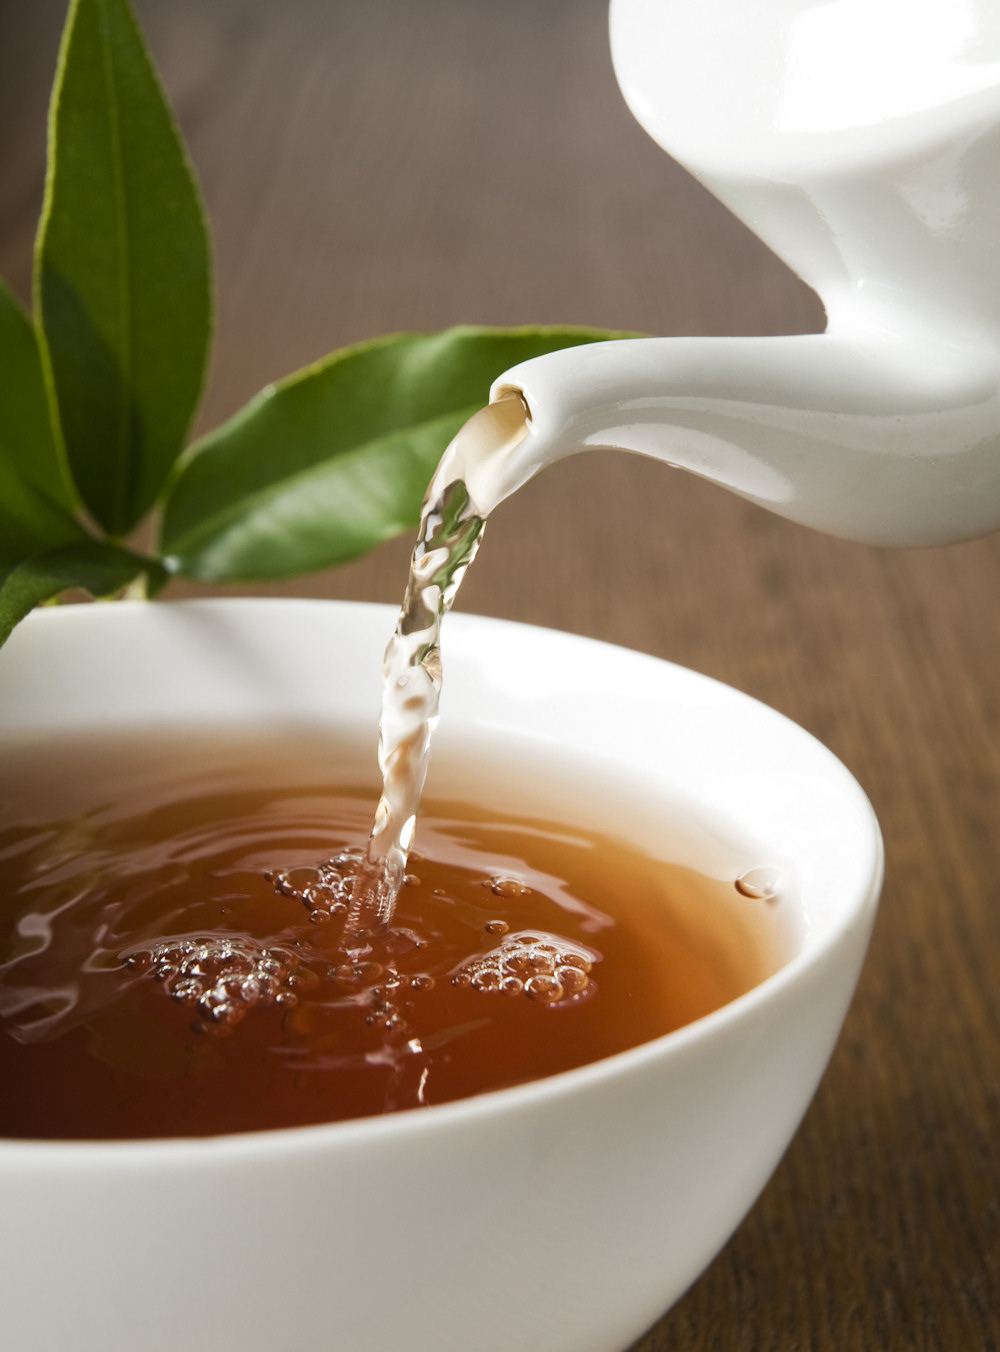 سیر تا پیاز چای